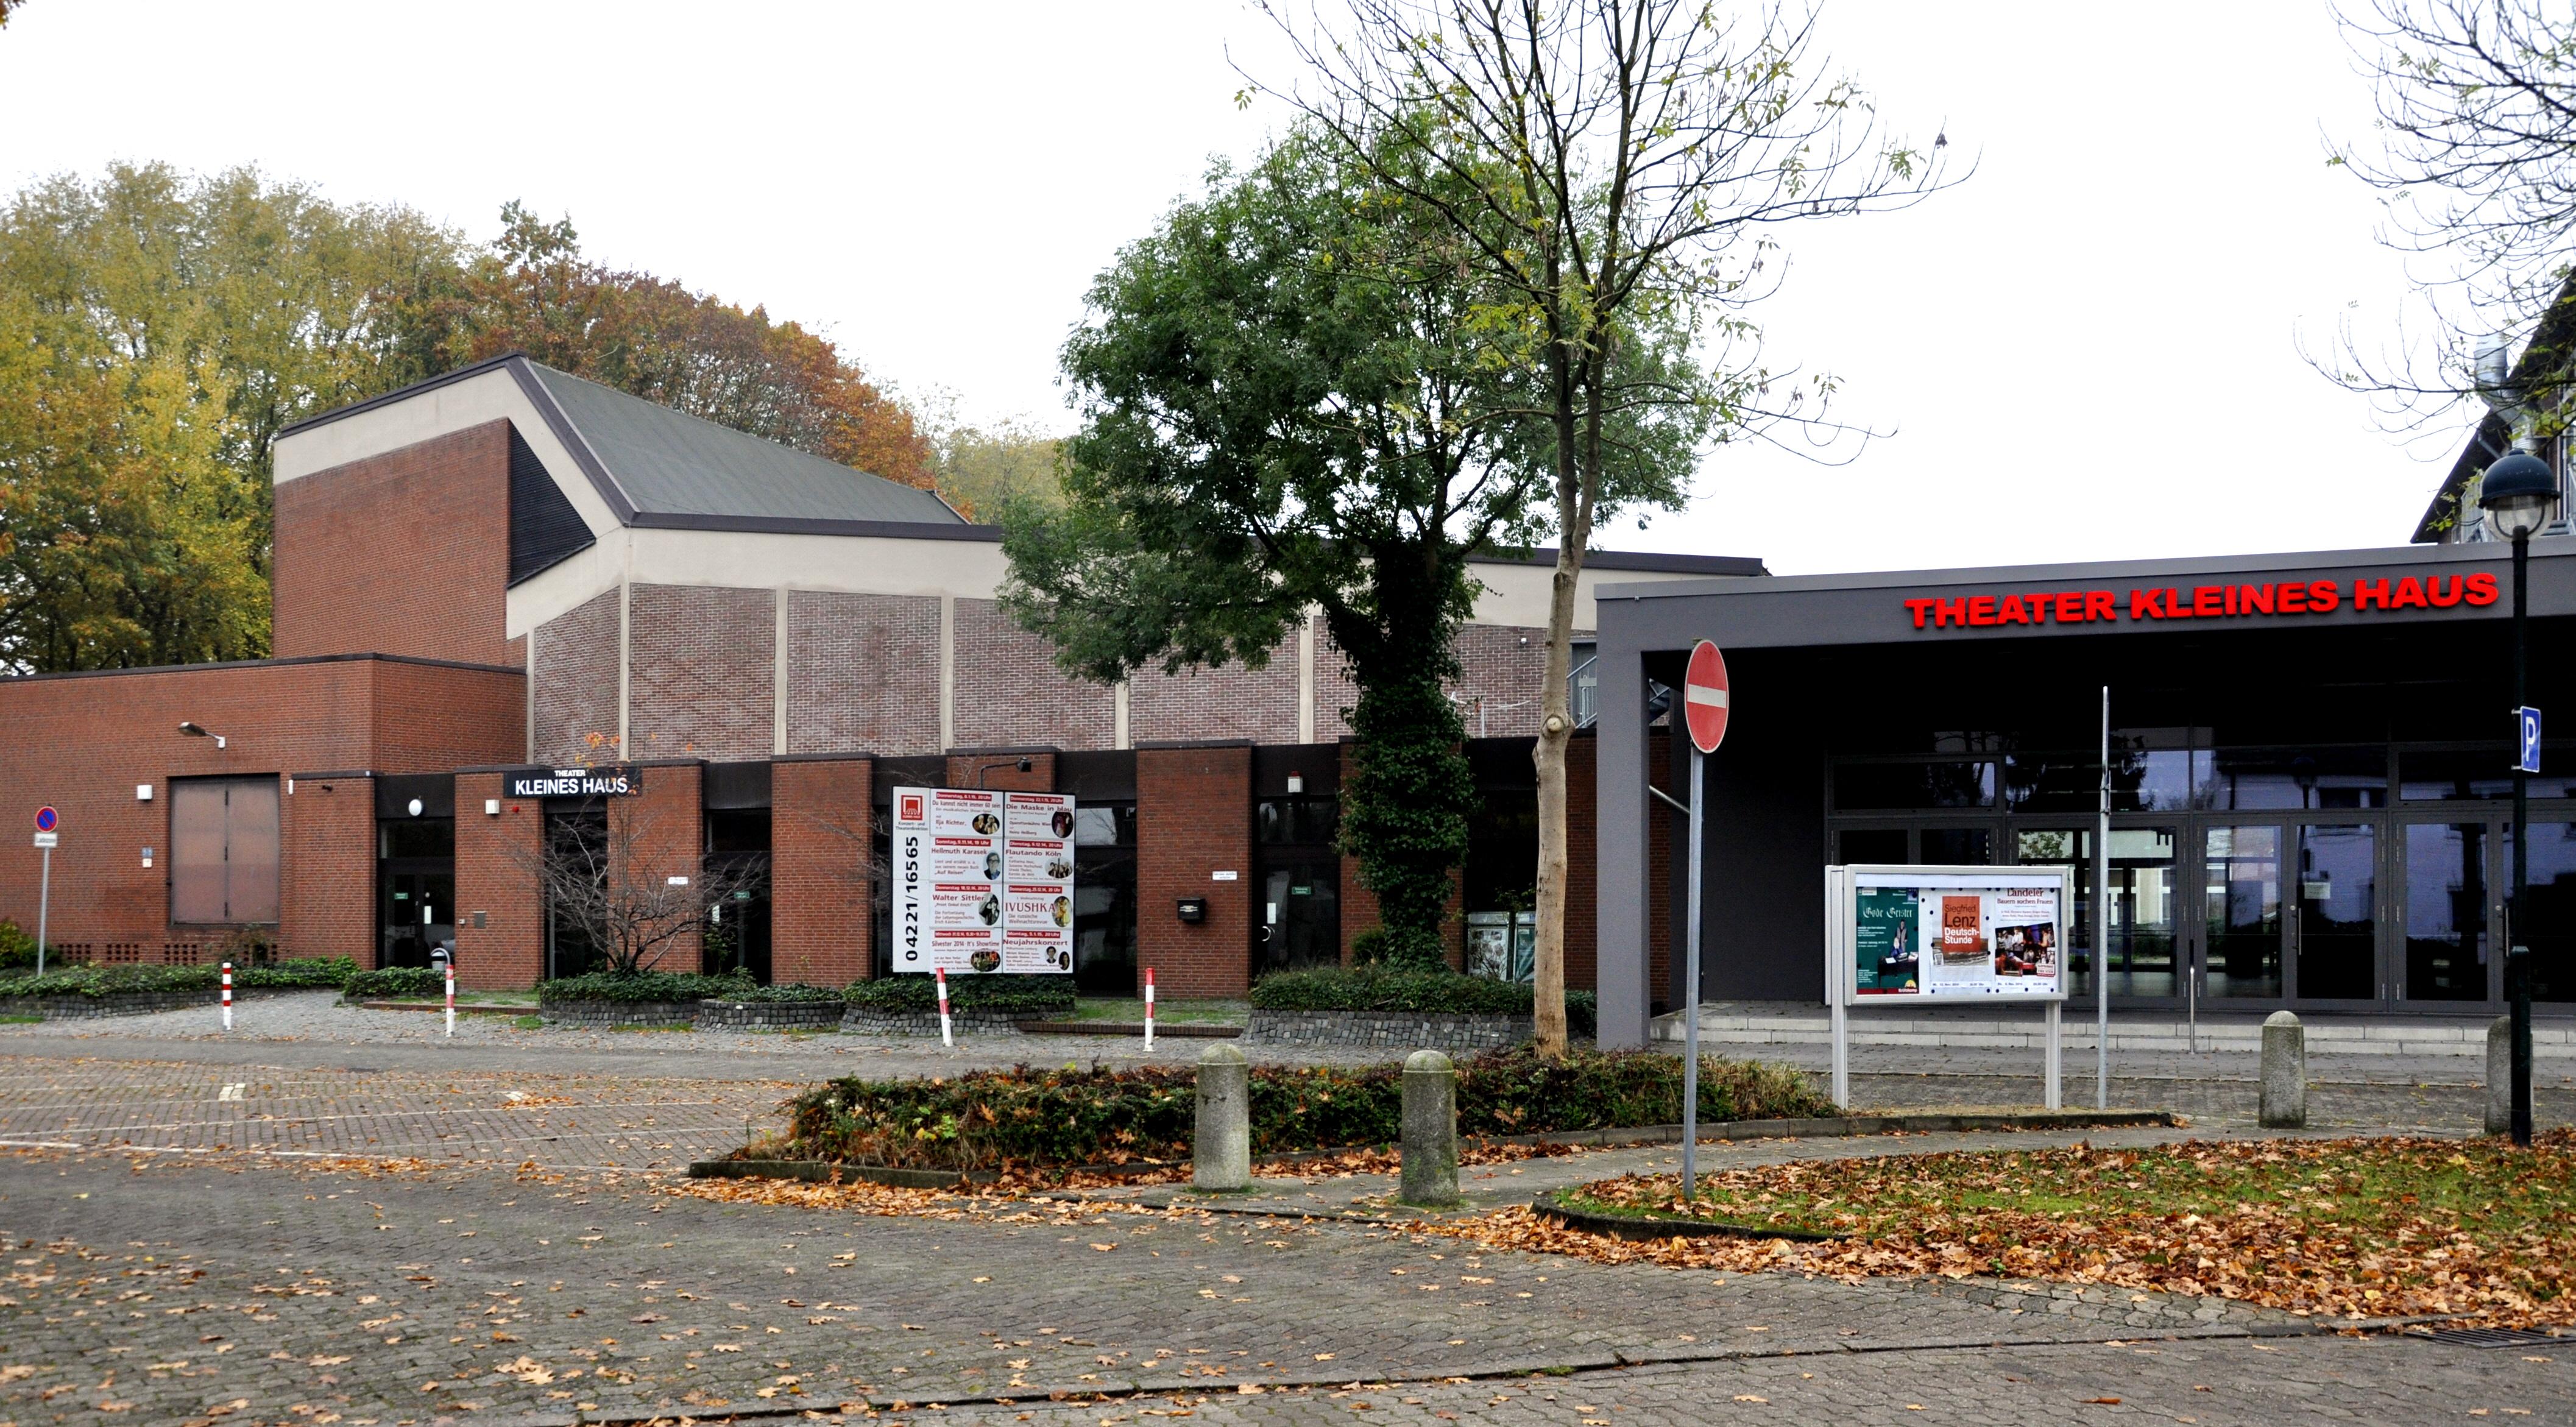 Datei:Delmenhorst Theater Kleines Haus 02.jpg – Wikipedia